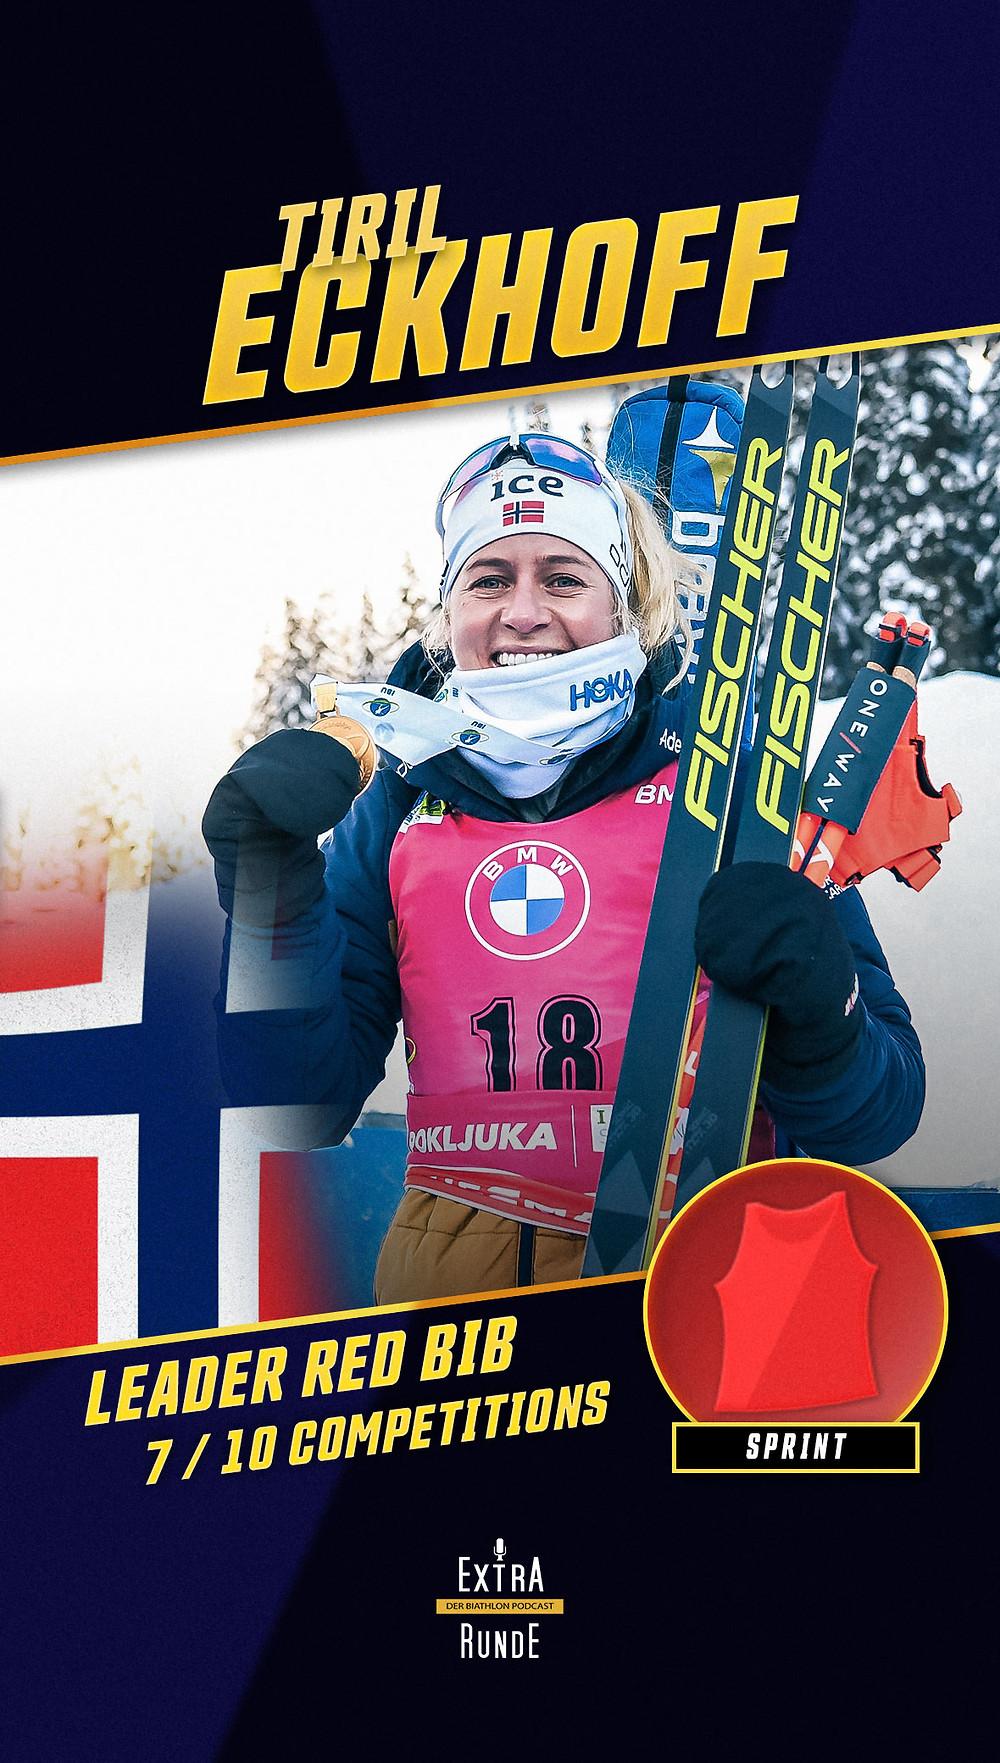 Tiril Eckhoff führt akutell in der Wertung des Biathlon Sprints.